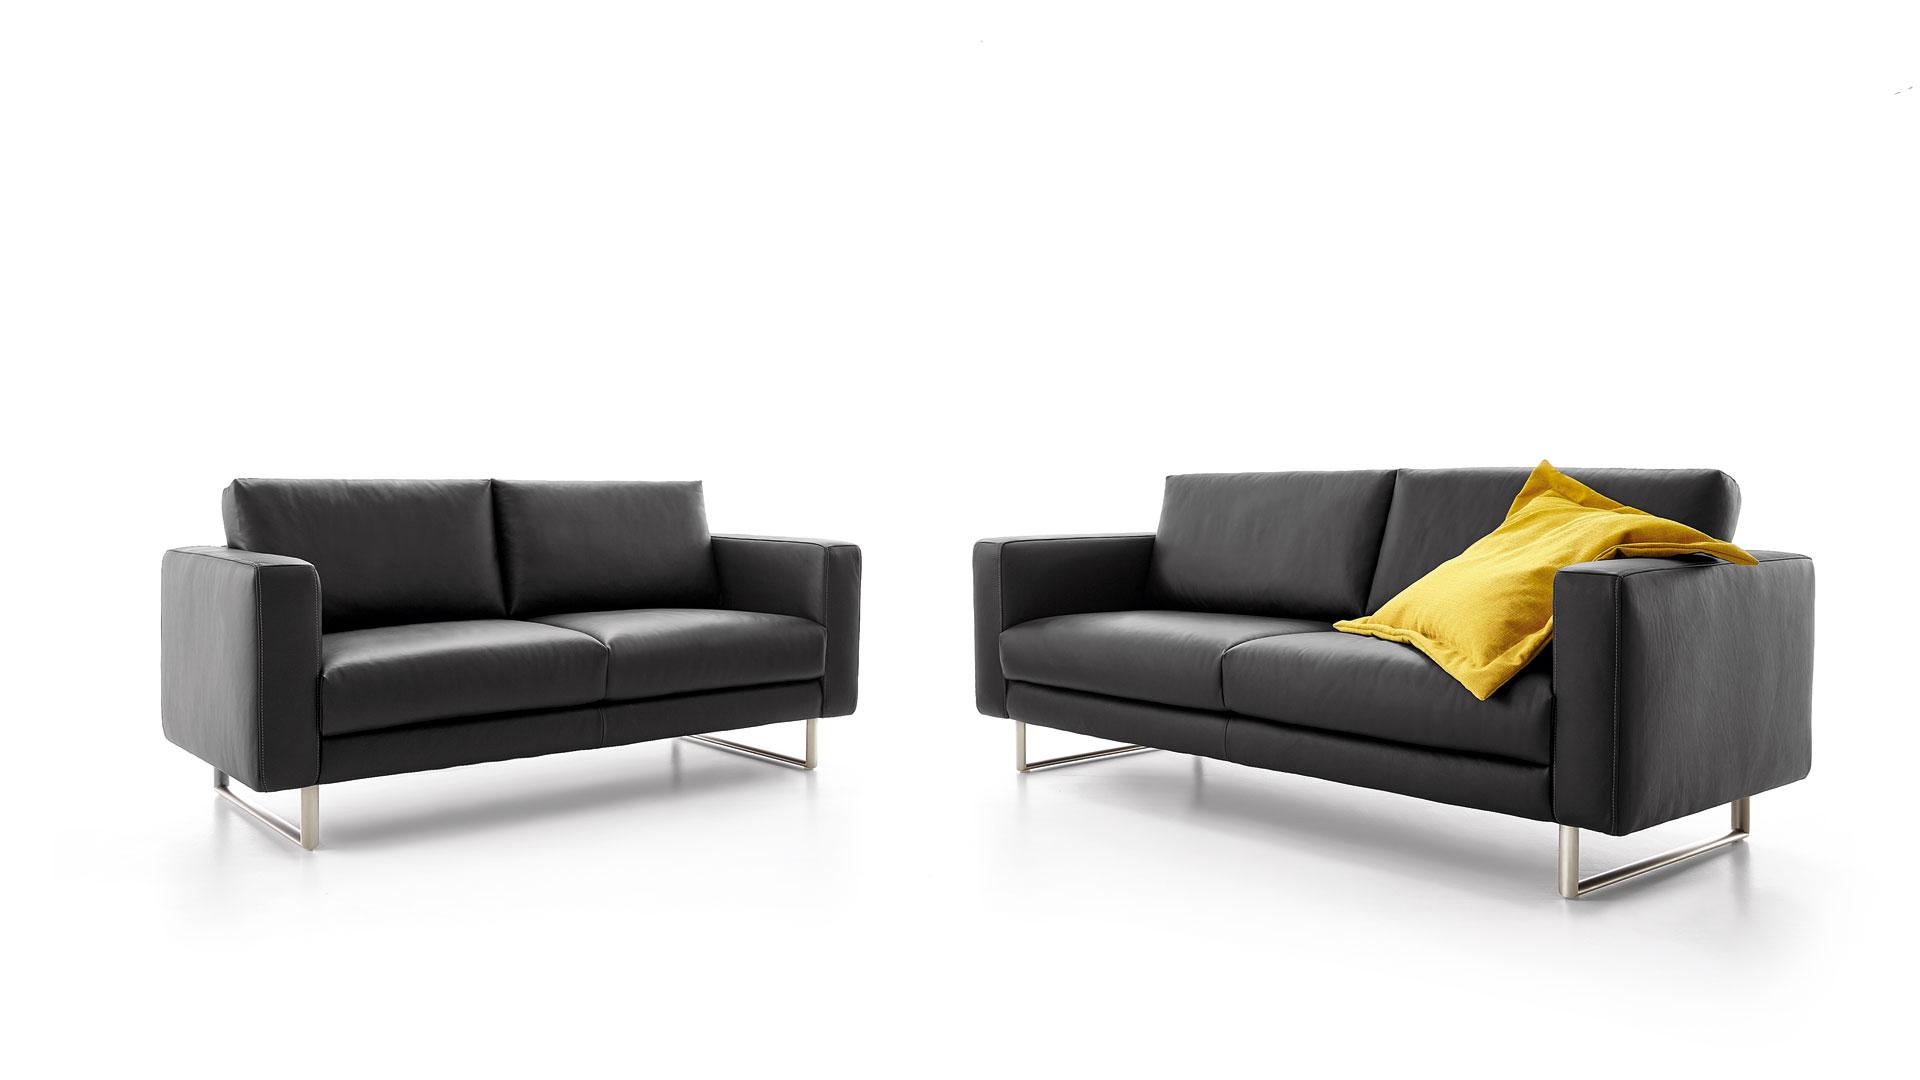 Full Size of Koinor Sofa Bewertung Francis 2 Sitzer Outlet Leder Schwarz Couch Erfahrungen Gebraucht Preis Konfigurieren Omega Sofort Lieferbar Verkaufen Bezug Creme Sofa Koinor Sofa